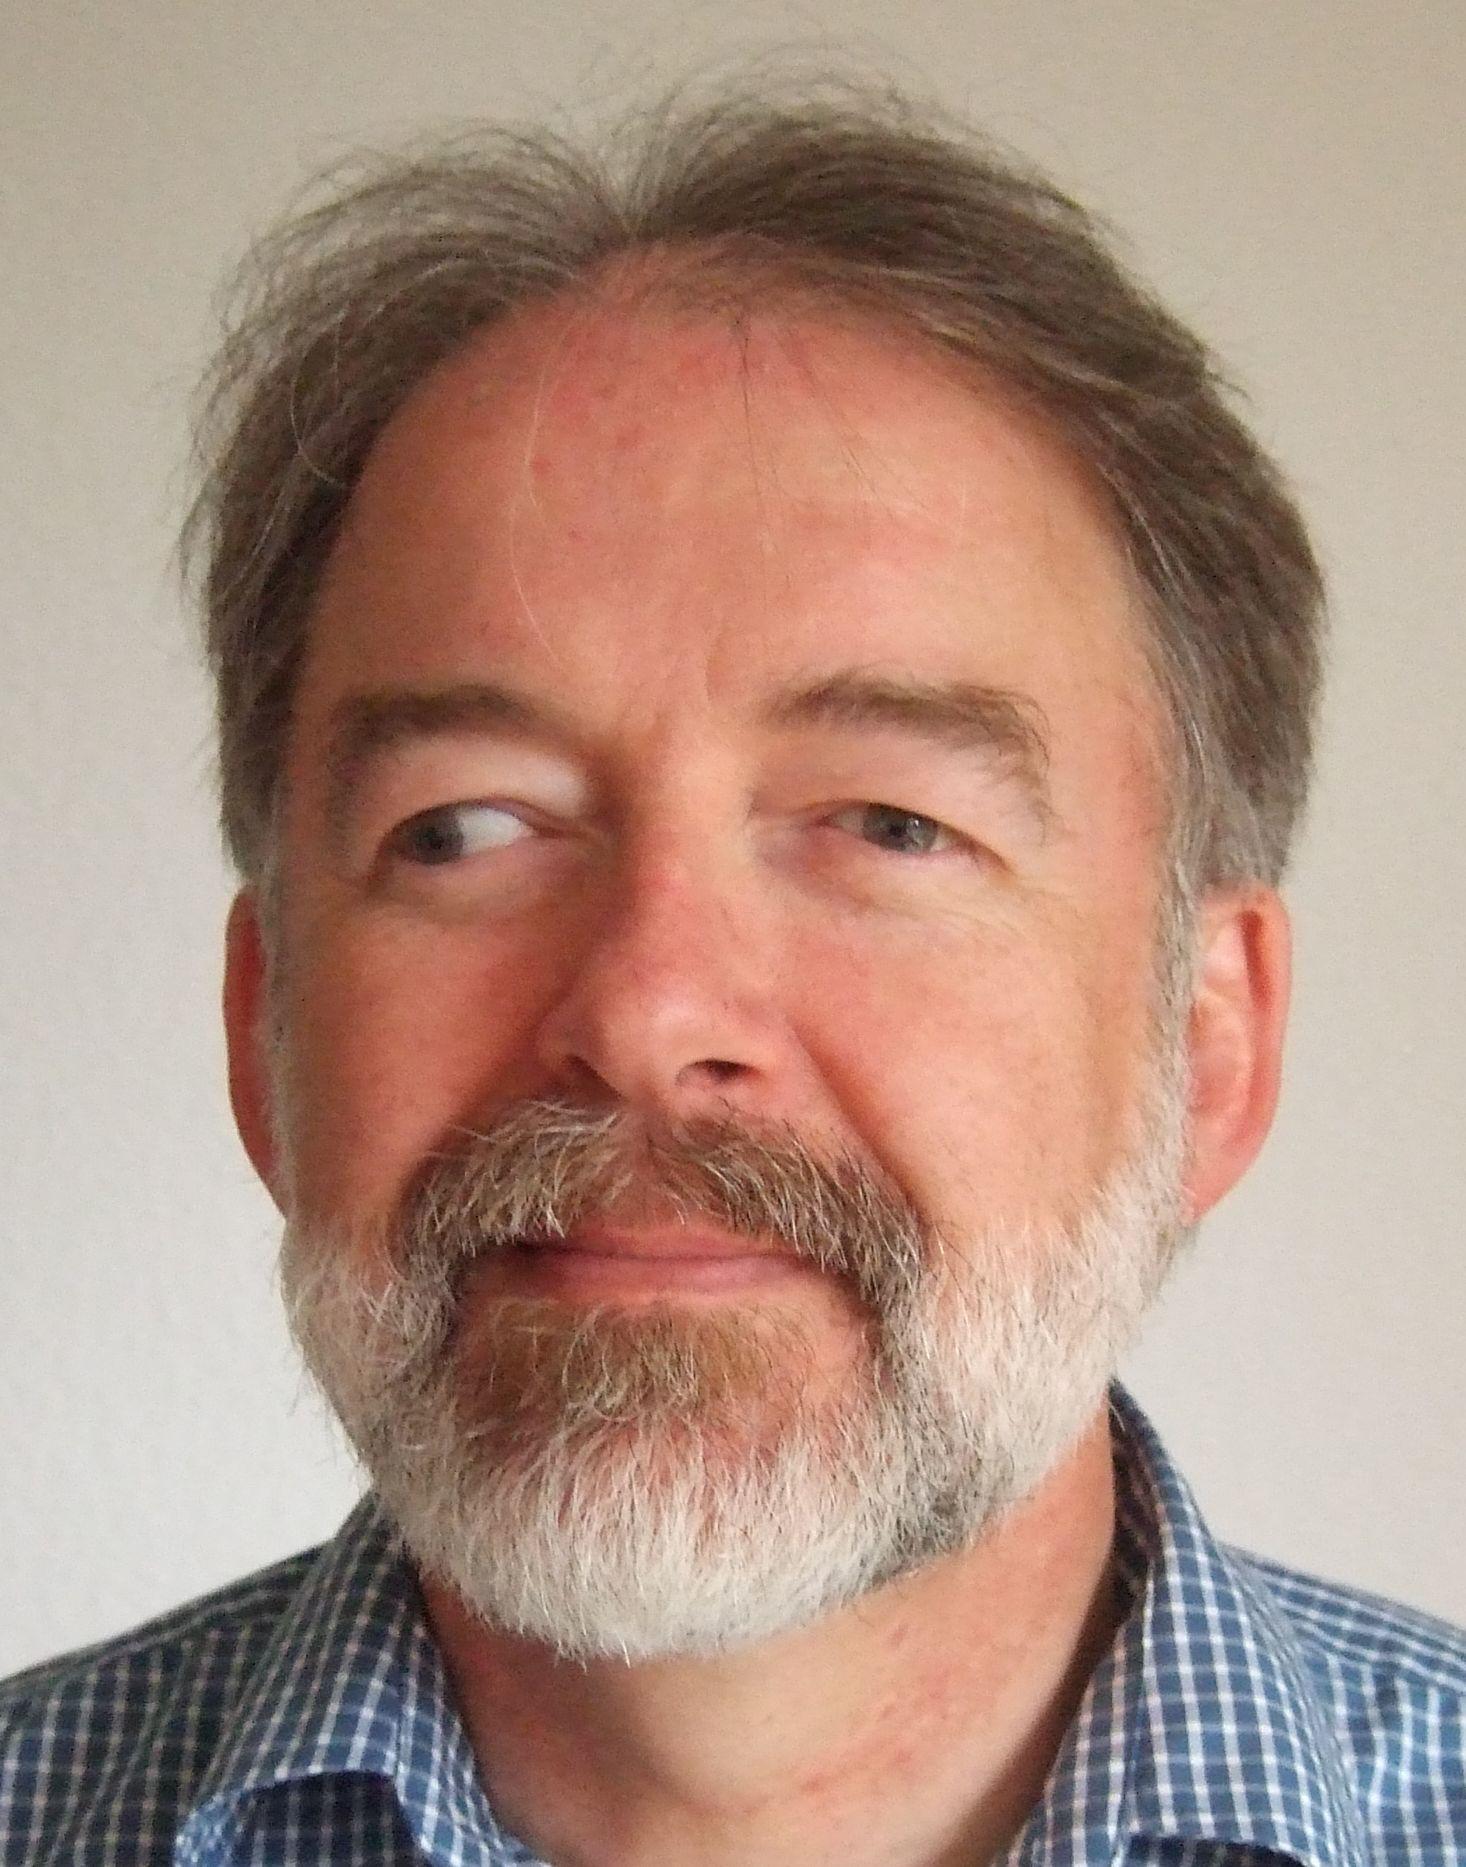 Klaus-Dieter Oertel